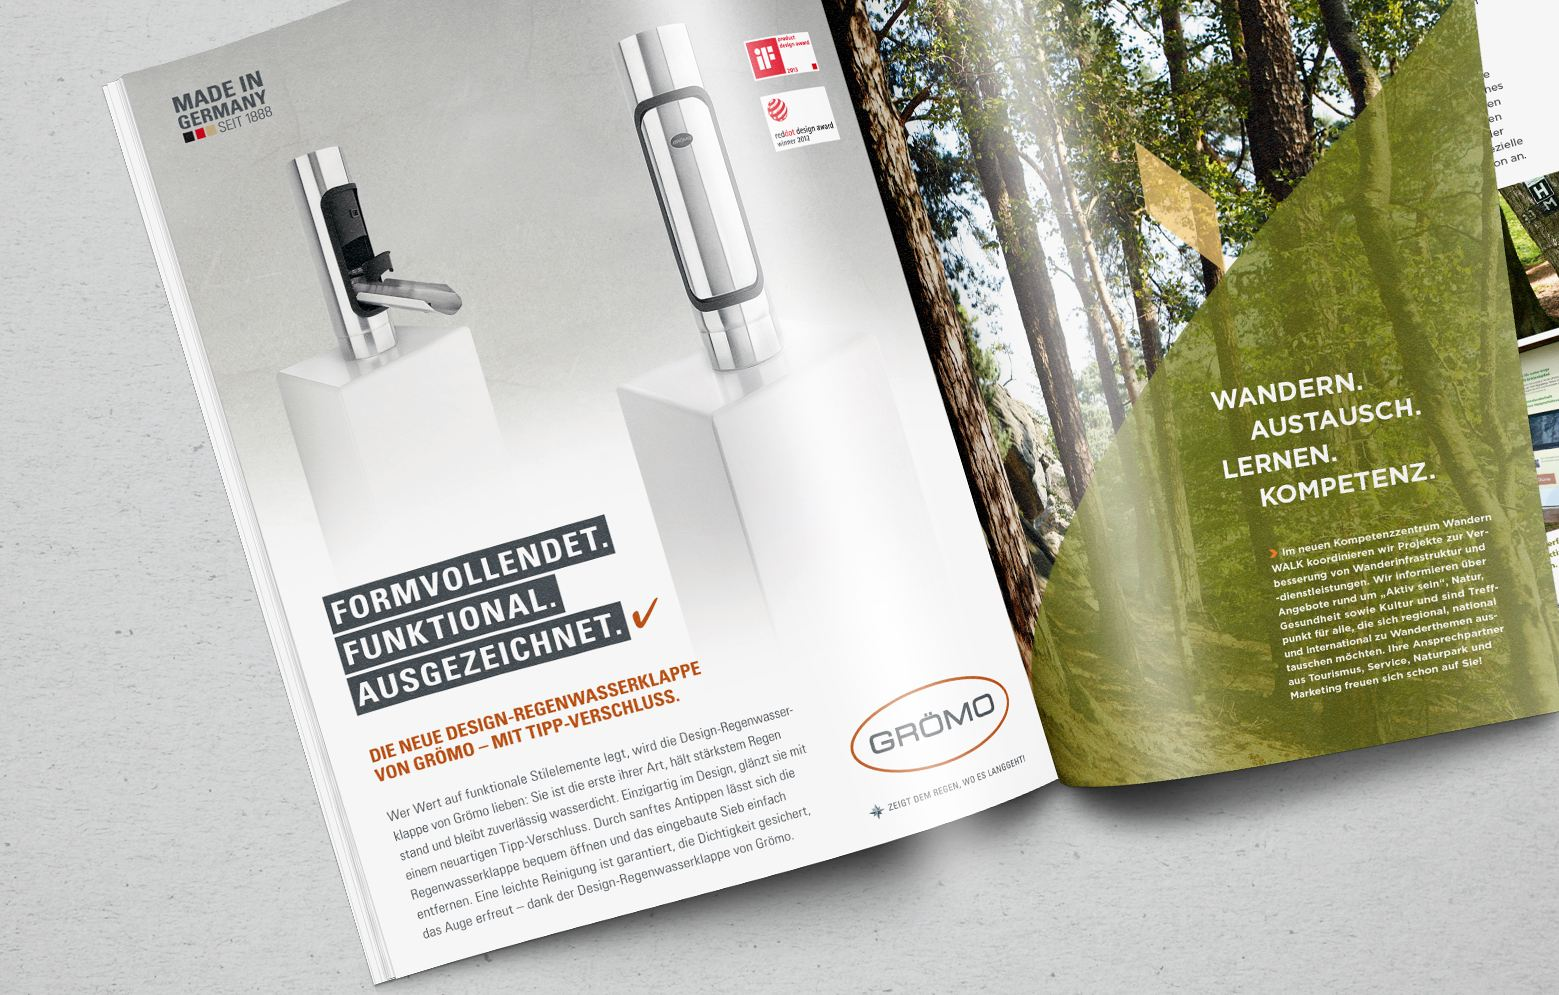 Groemo Anzeige in Zeitschrift von der Design-Regenwasserklappe